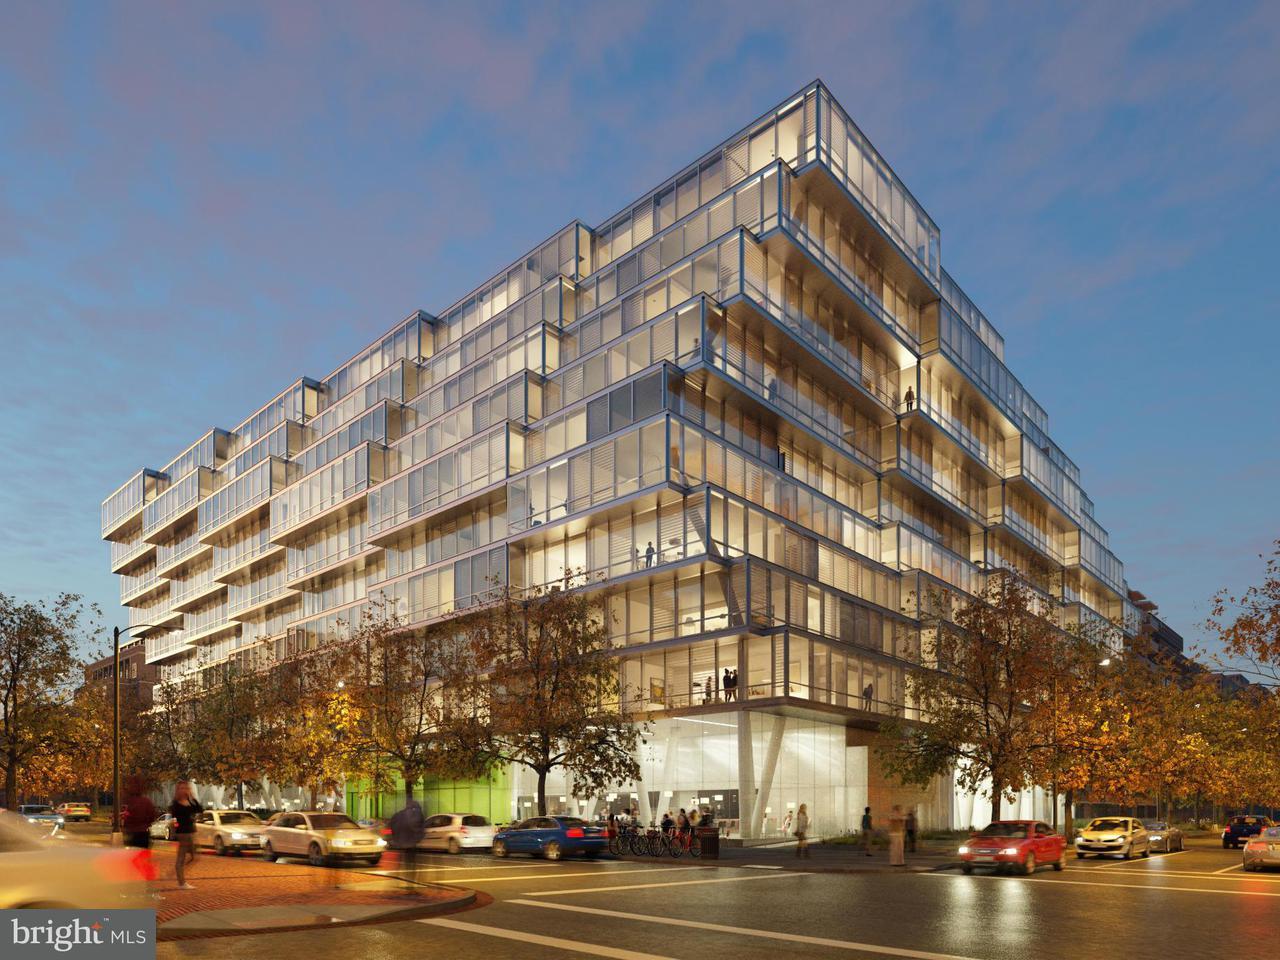 Eigentumswohnung für Verkauf beim 1111 24th St Nw #95 1111 24th St Nw #95 Washington, District Of Columbia 20037 Vereinigte Staaten